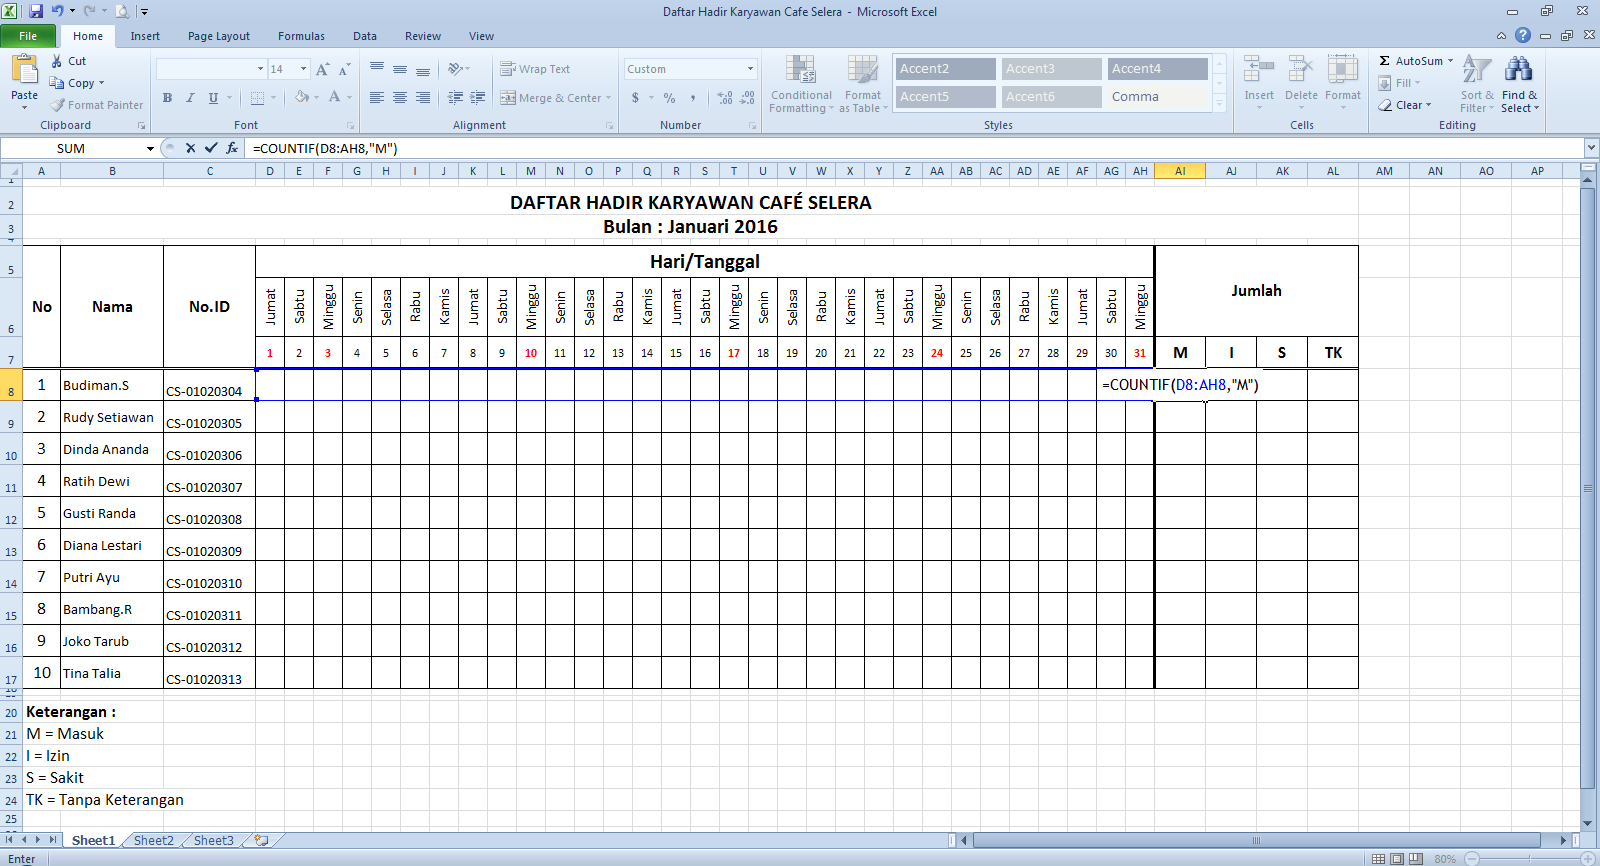 Cara Membuat Daftar Hadir Di Microsoft Excel ~ Cari2-Cara